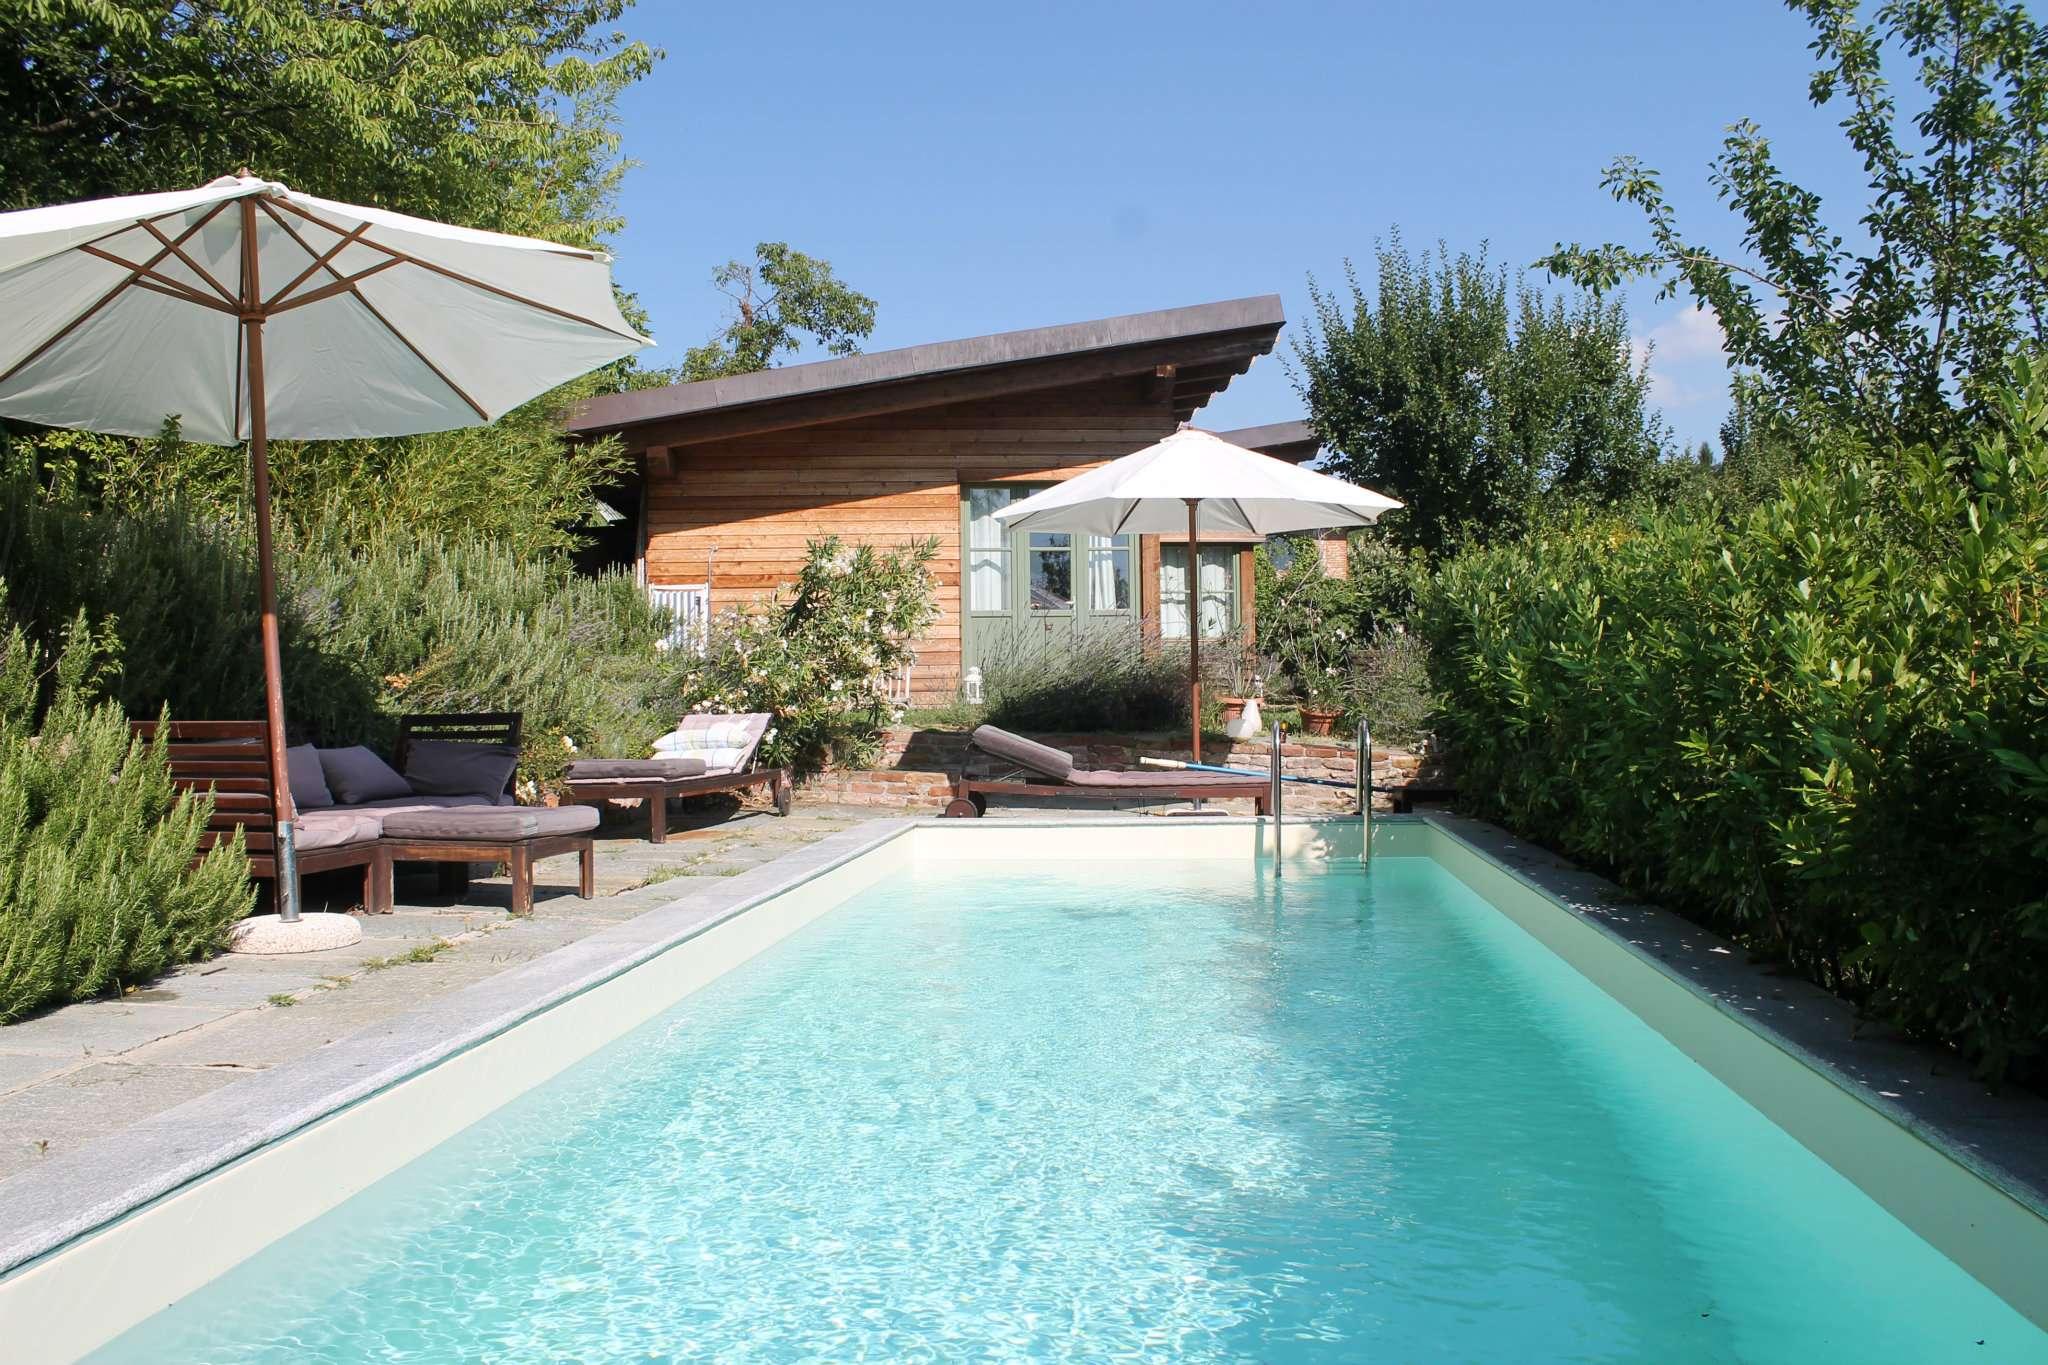 Rustico / Casale in vendita a Sciolze, 16 locali, prezzo € 490.000 | CambioCasa.it